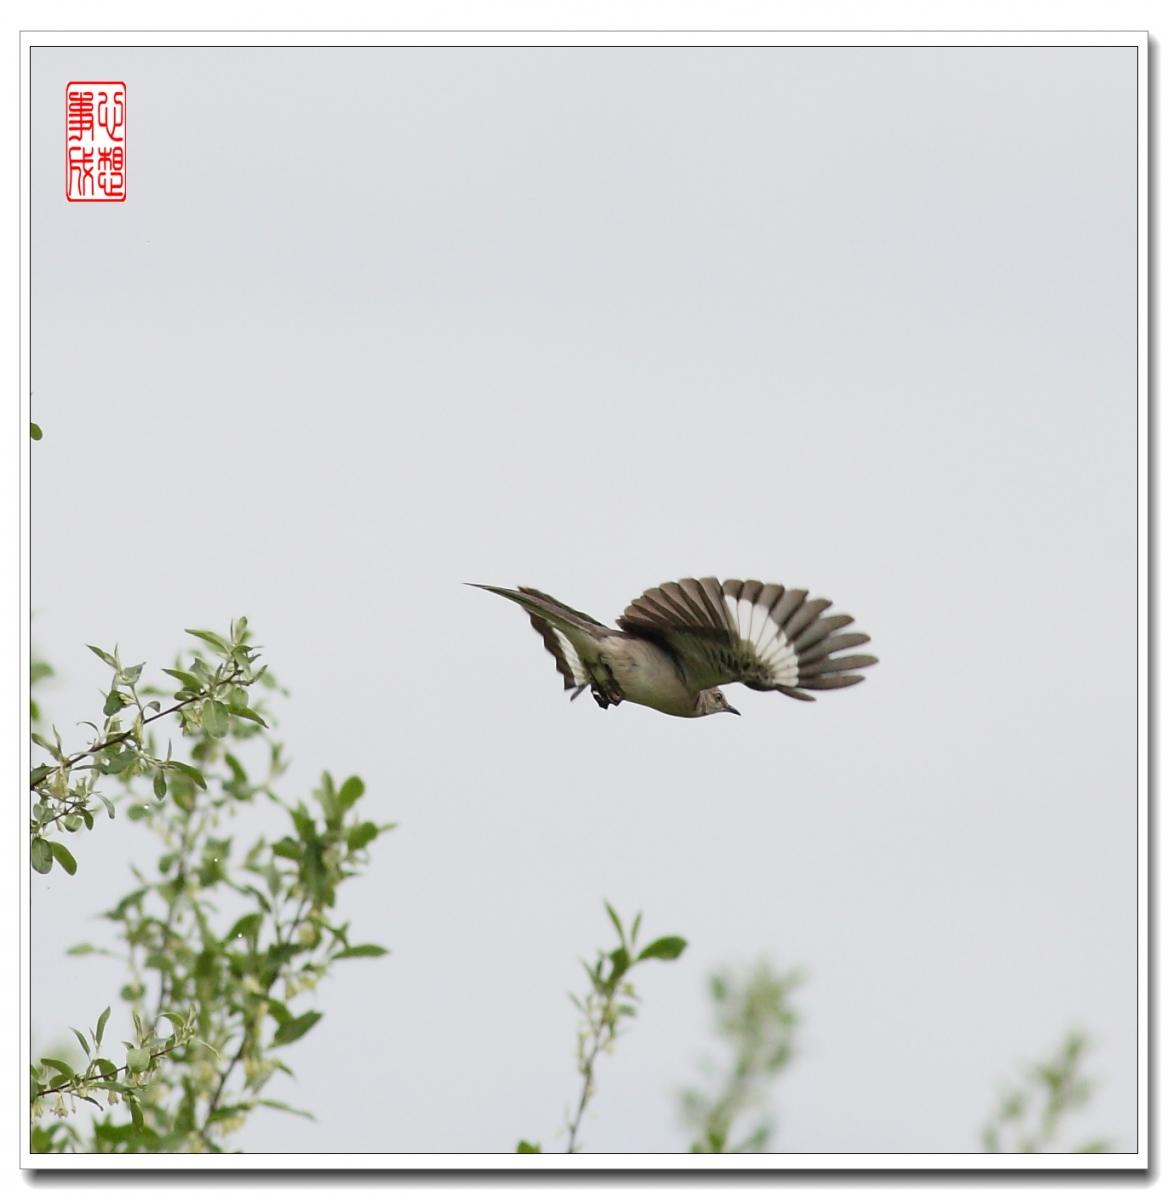 【心想事成】 飞鸟随拍图_图1-2